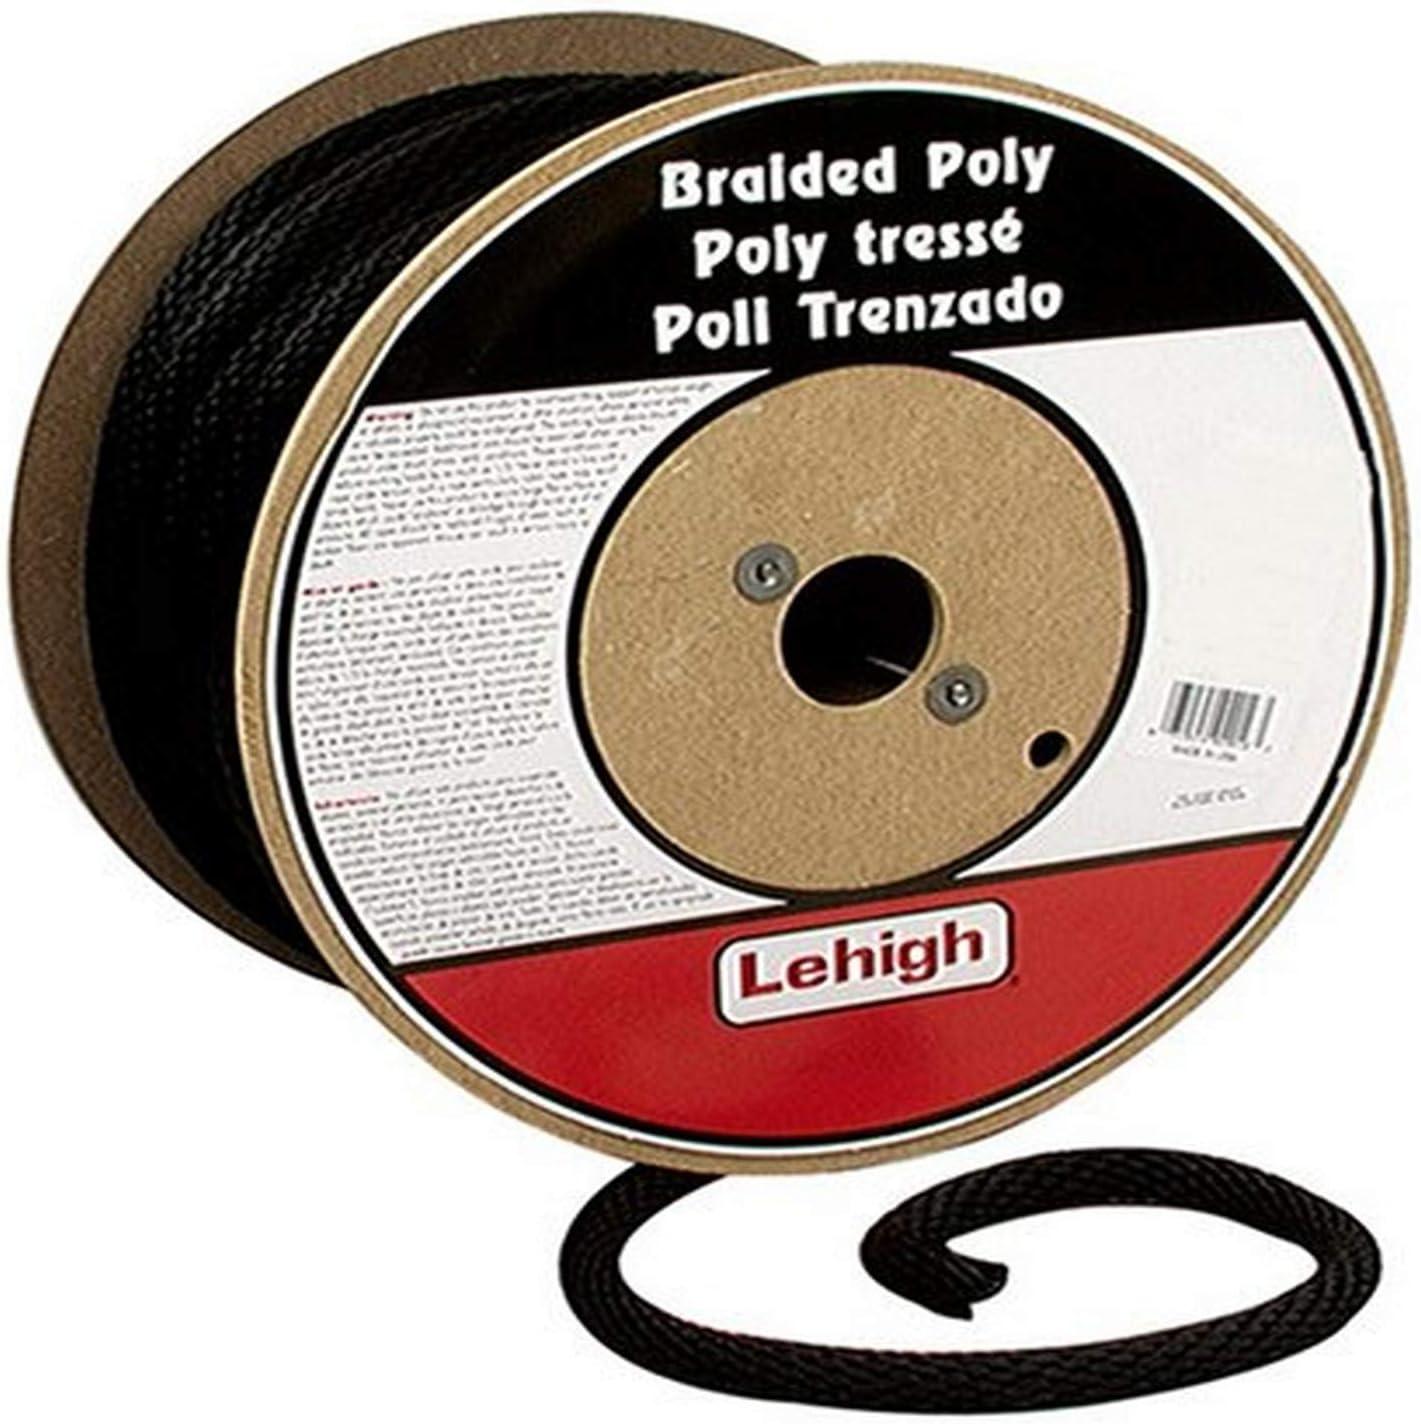 B0009WG68O Crawford-Lehigh BKSBP860 3/8-Inch-by-600-Foot Solid Braid Derby Poly Rope, Black 71dxJWTWc-L